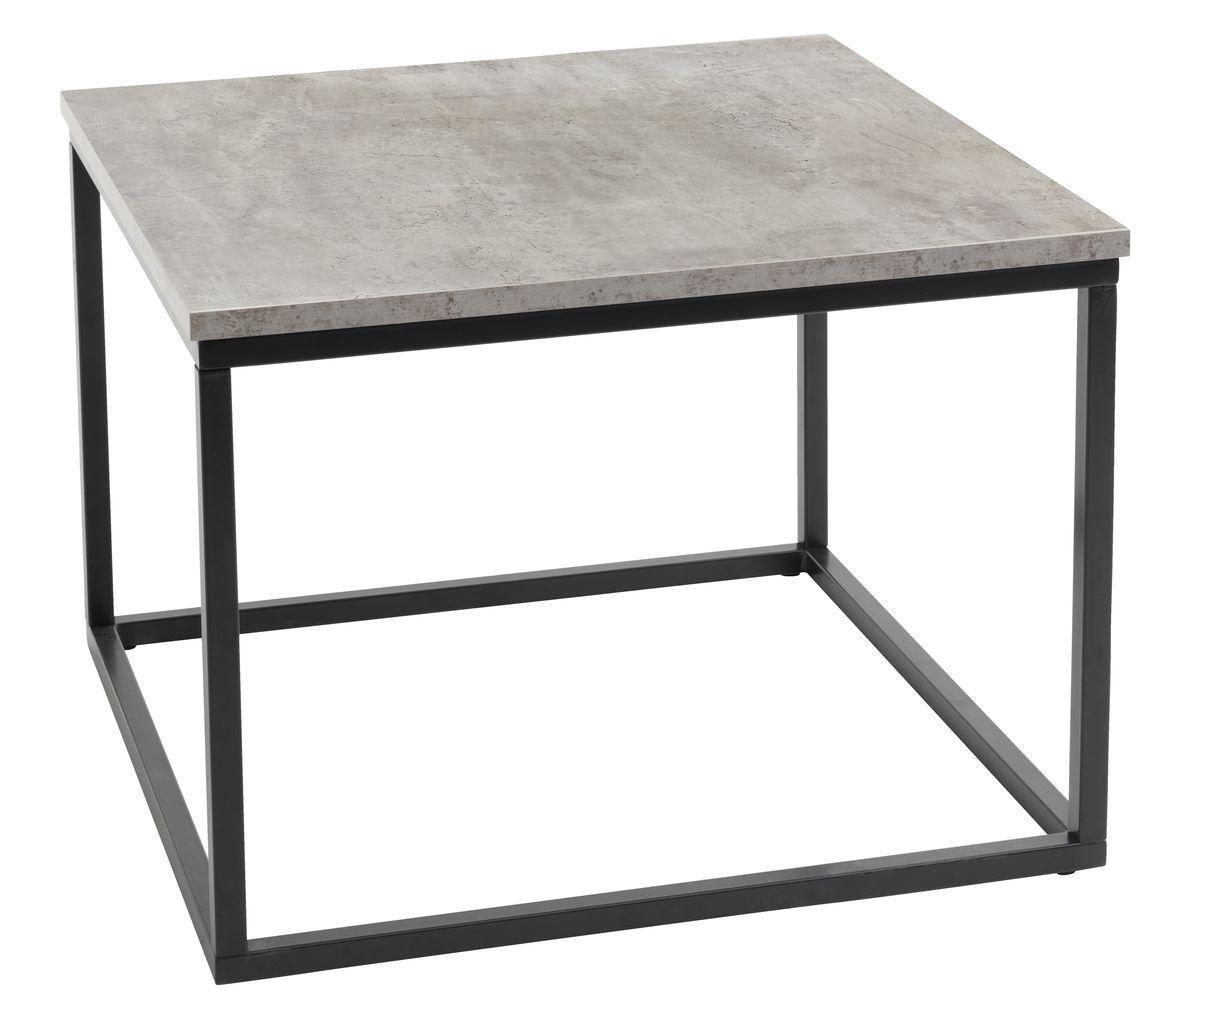 🏡Столик из метала квадратный 60x60 см (Отделка под бетон) | стол, столик, столик квадратный, столик бетон